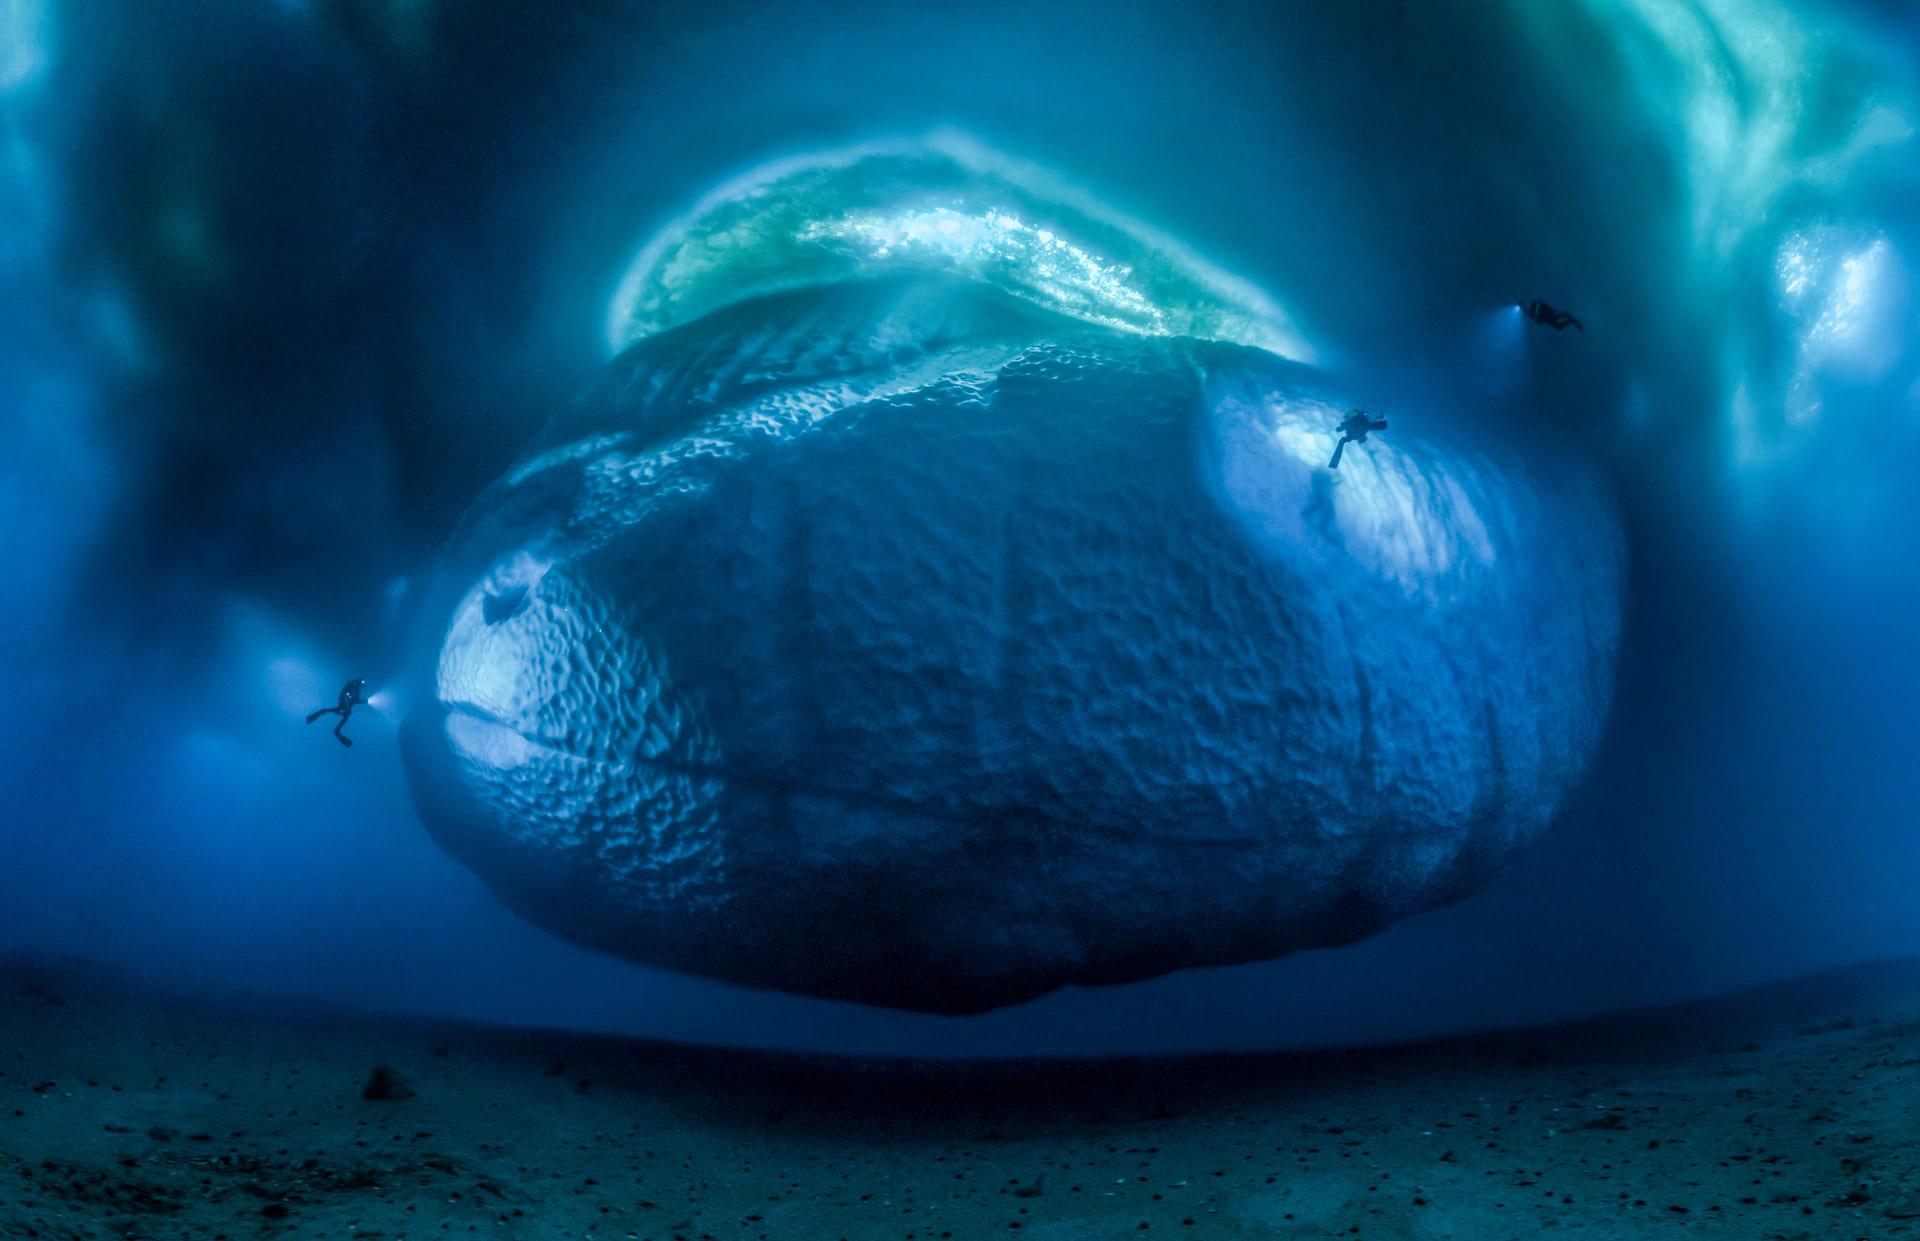 """'The Ice Monster', de Laurent Ballesta. Categoría: """"Medioambiente de la Tierra"""""""